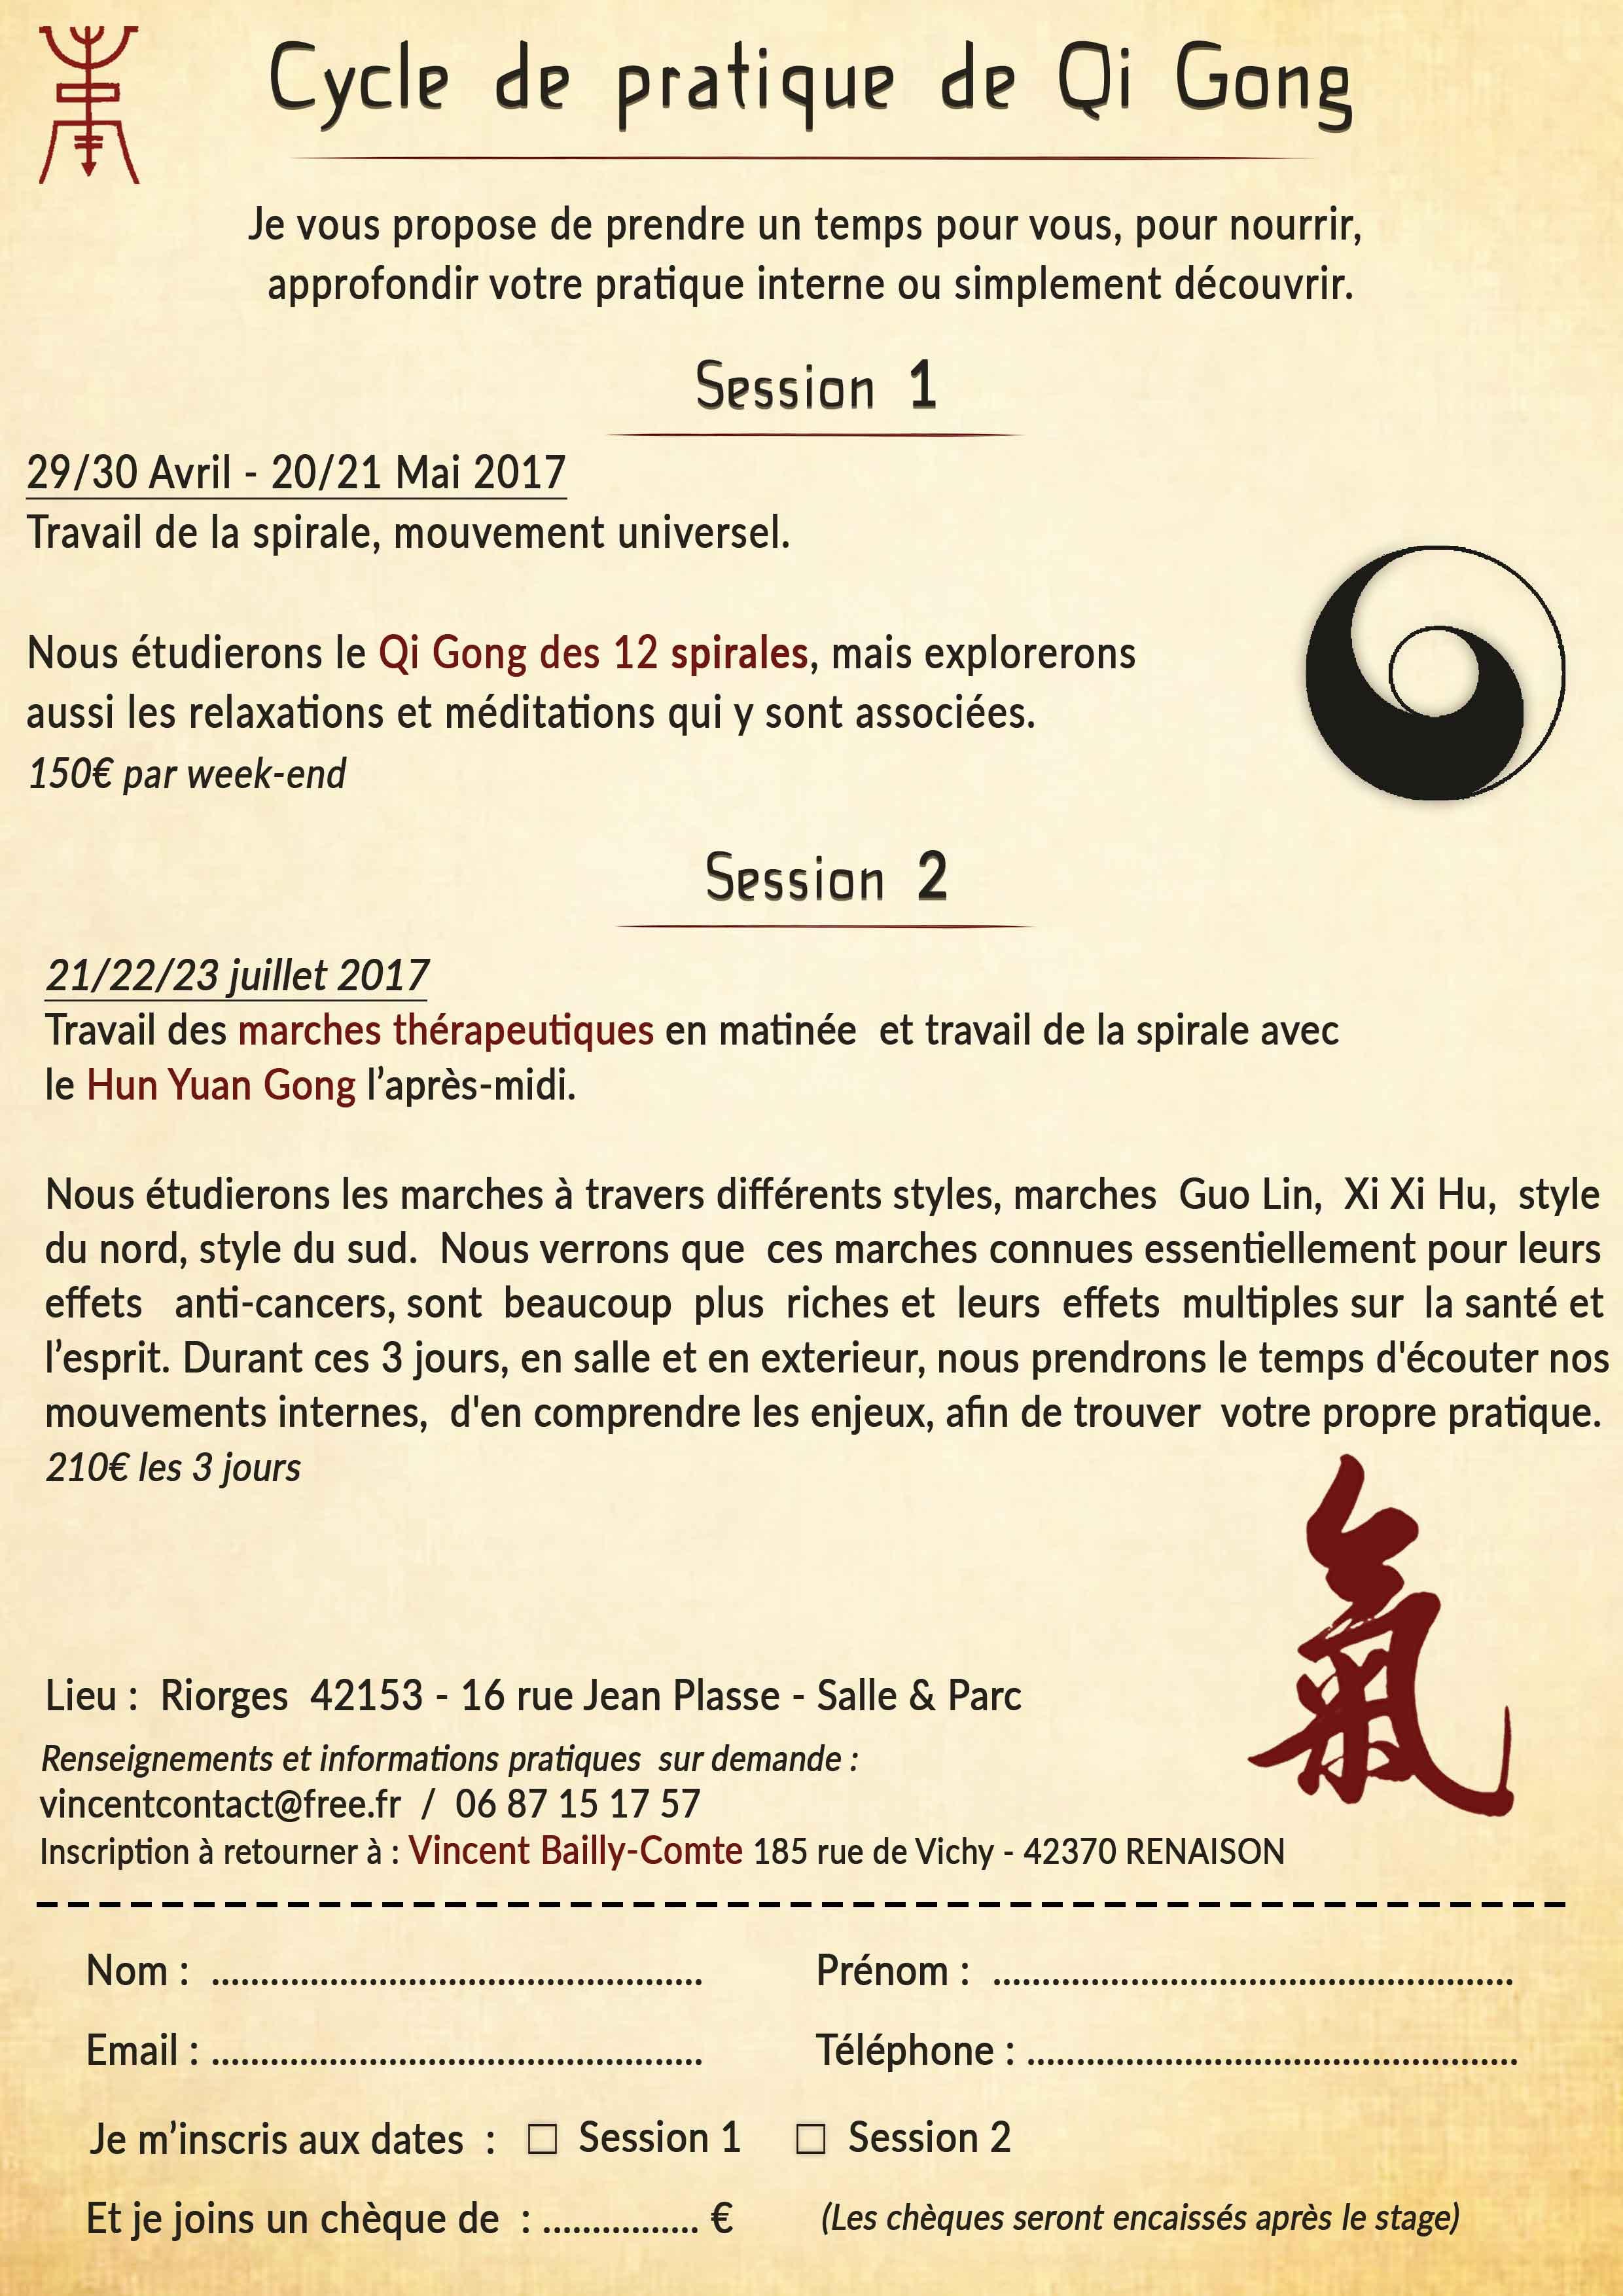 Cycle-Pratique-Qi-Gong-Vincent-thumbnail